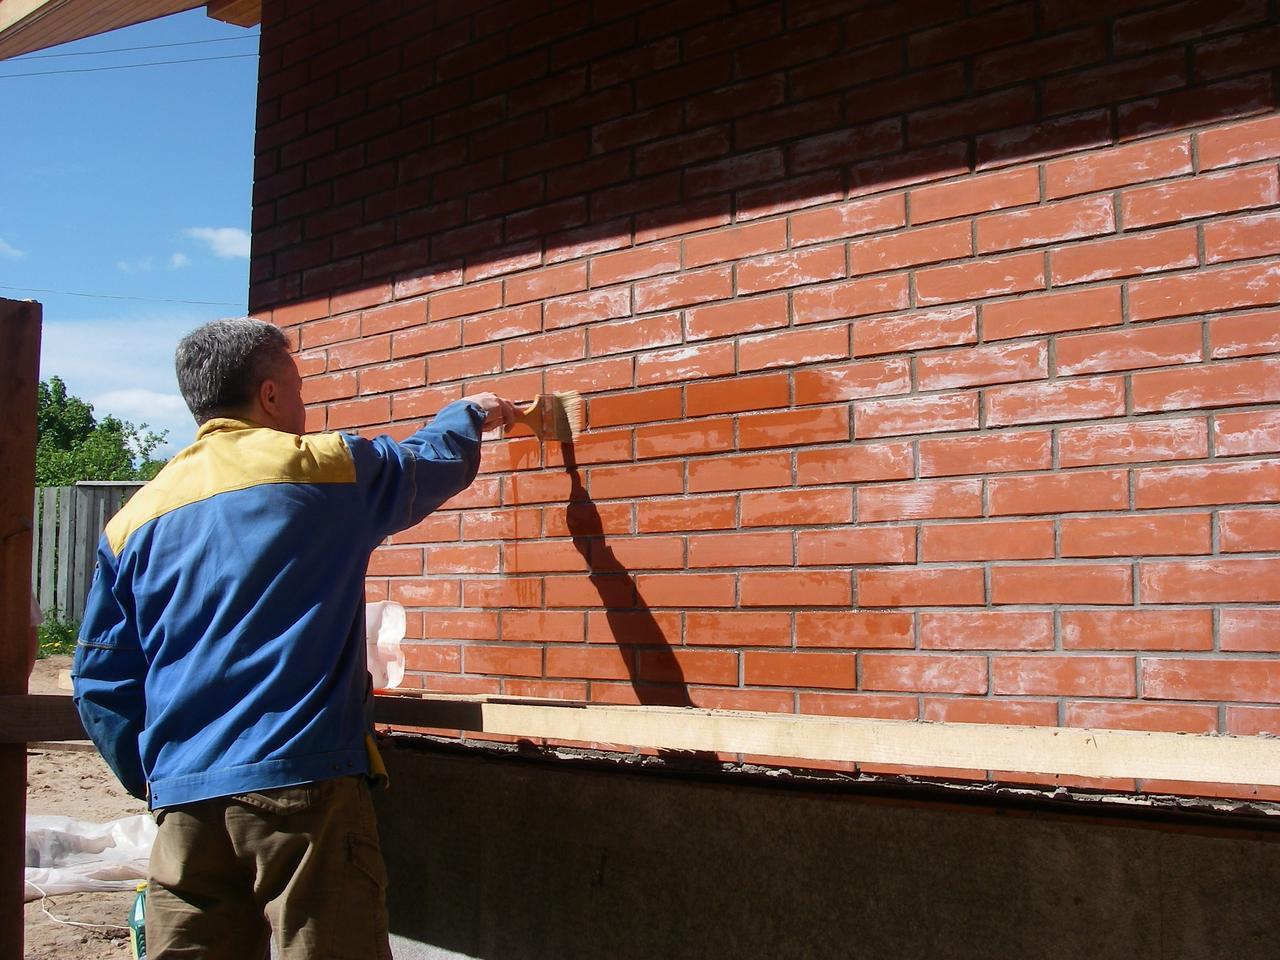 Очистка фасадов зданий и заборов от солевых отложений (высолов), цементного раствора и атмосферных загрязнений